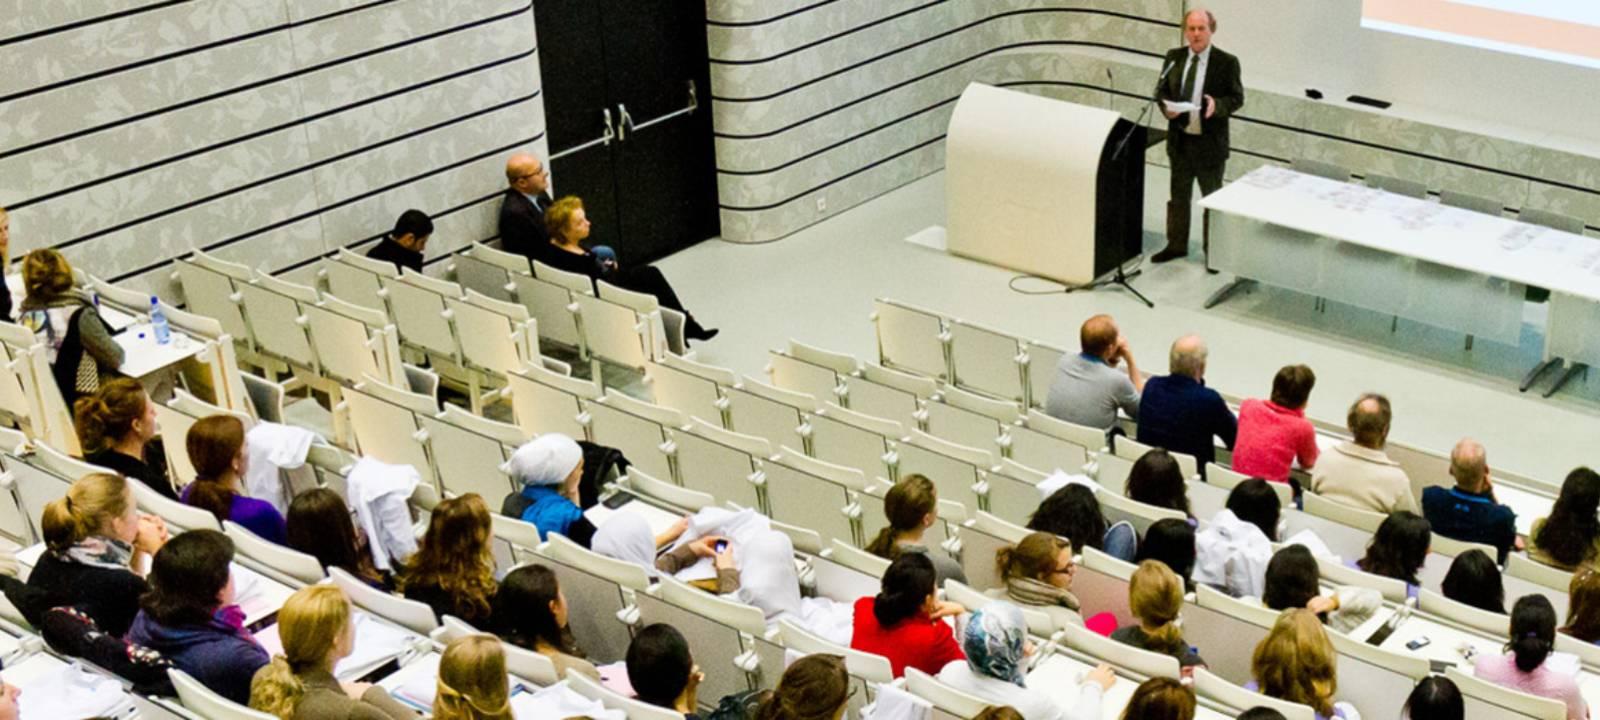 Studenten in een grote collegezaal